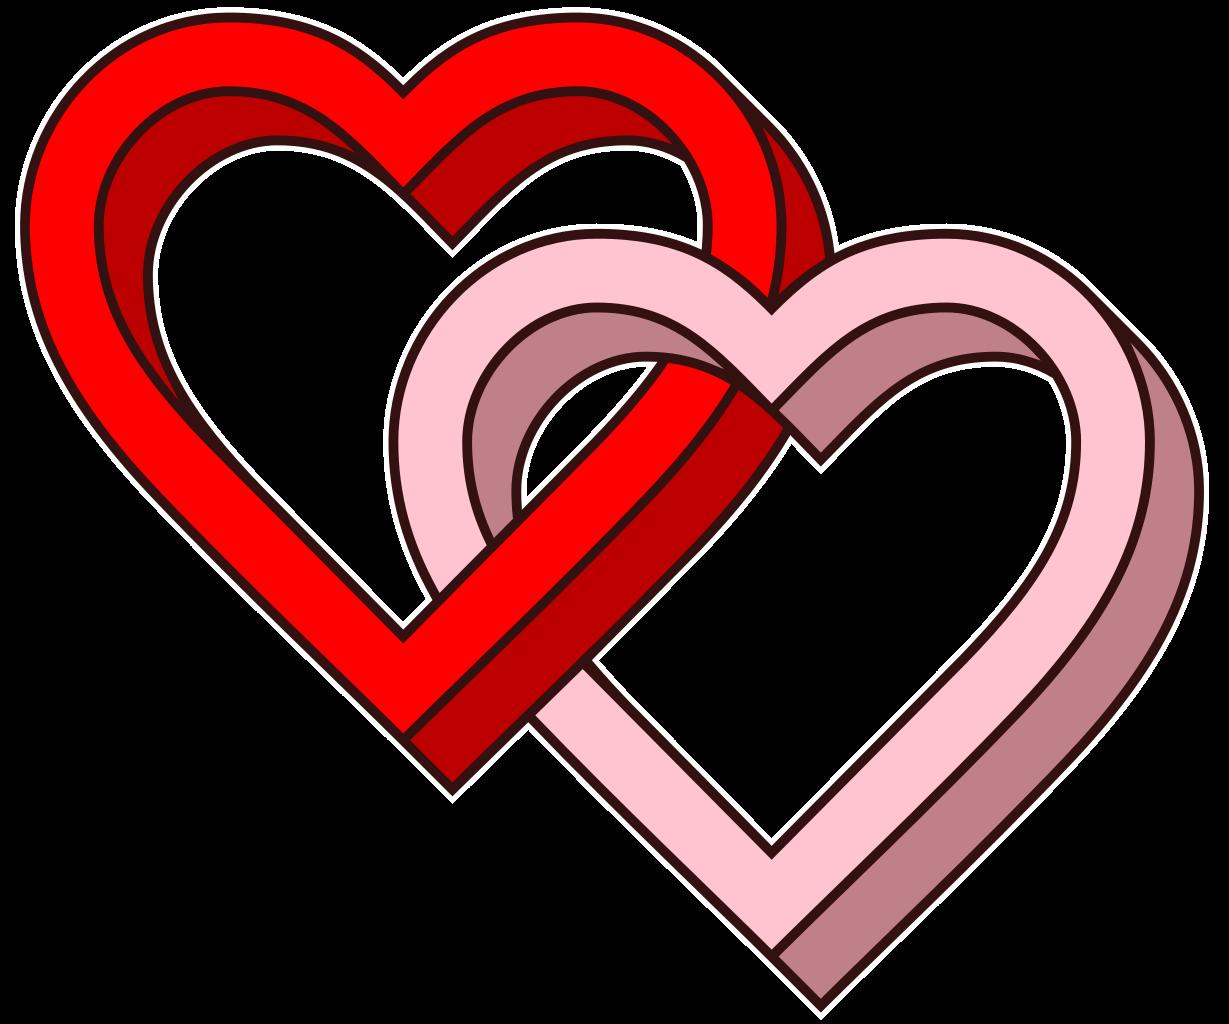 איור של שני לבבות - אפשר להידבק ב-HIV במגע מיני